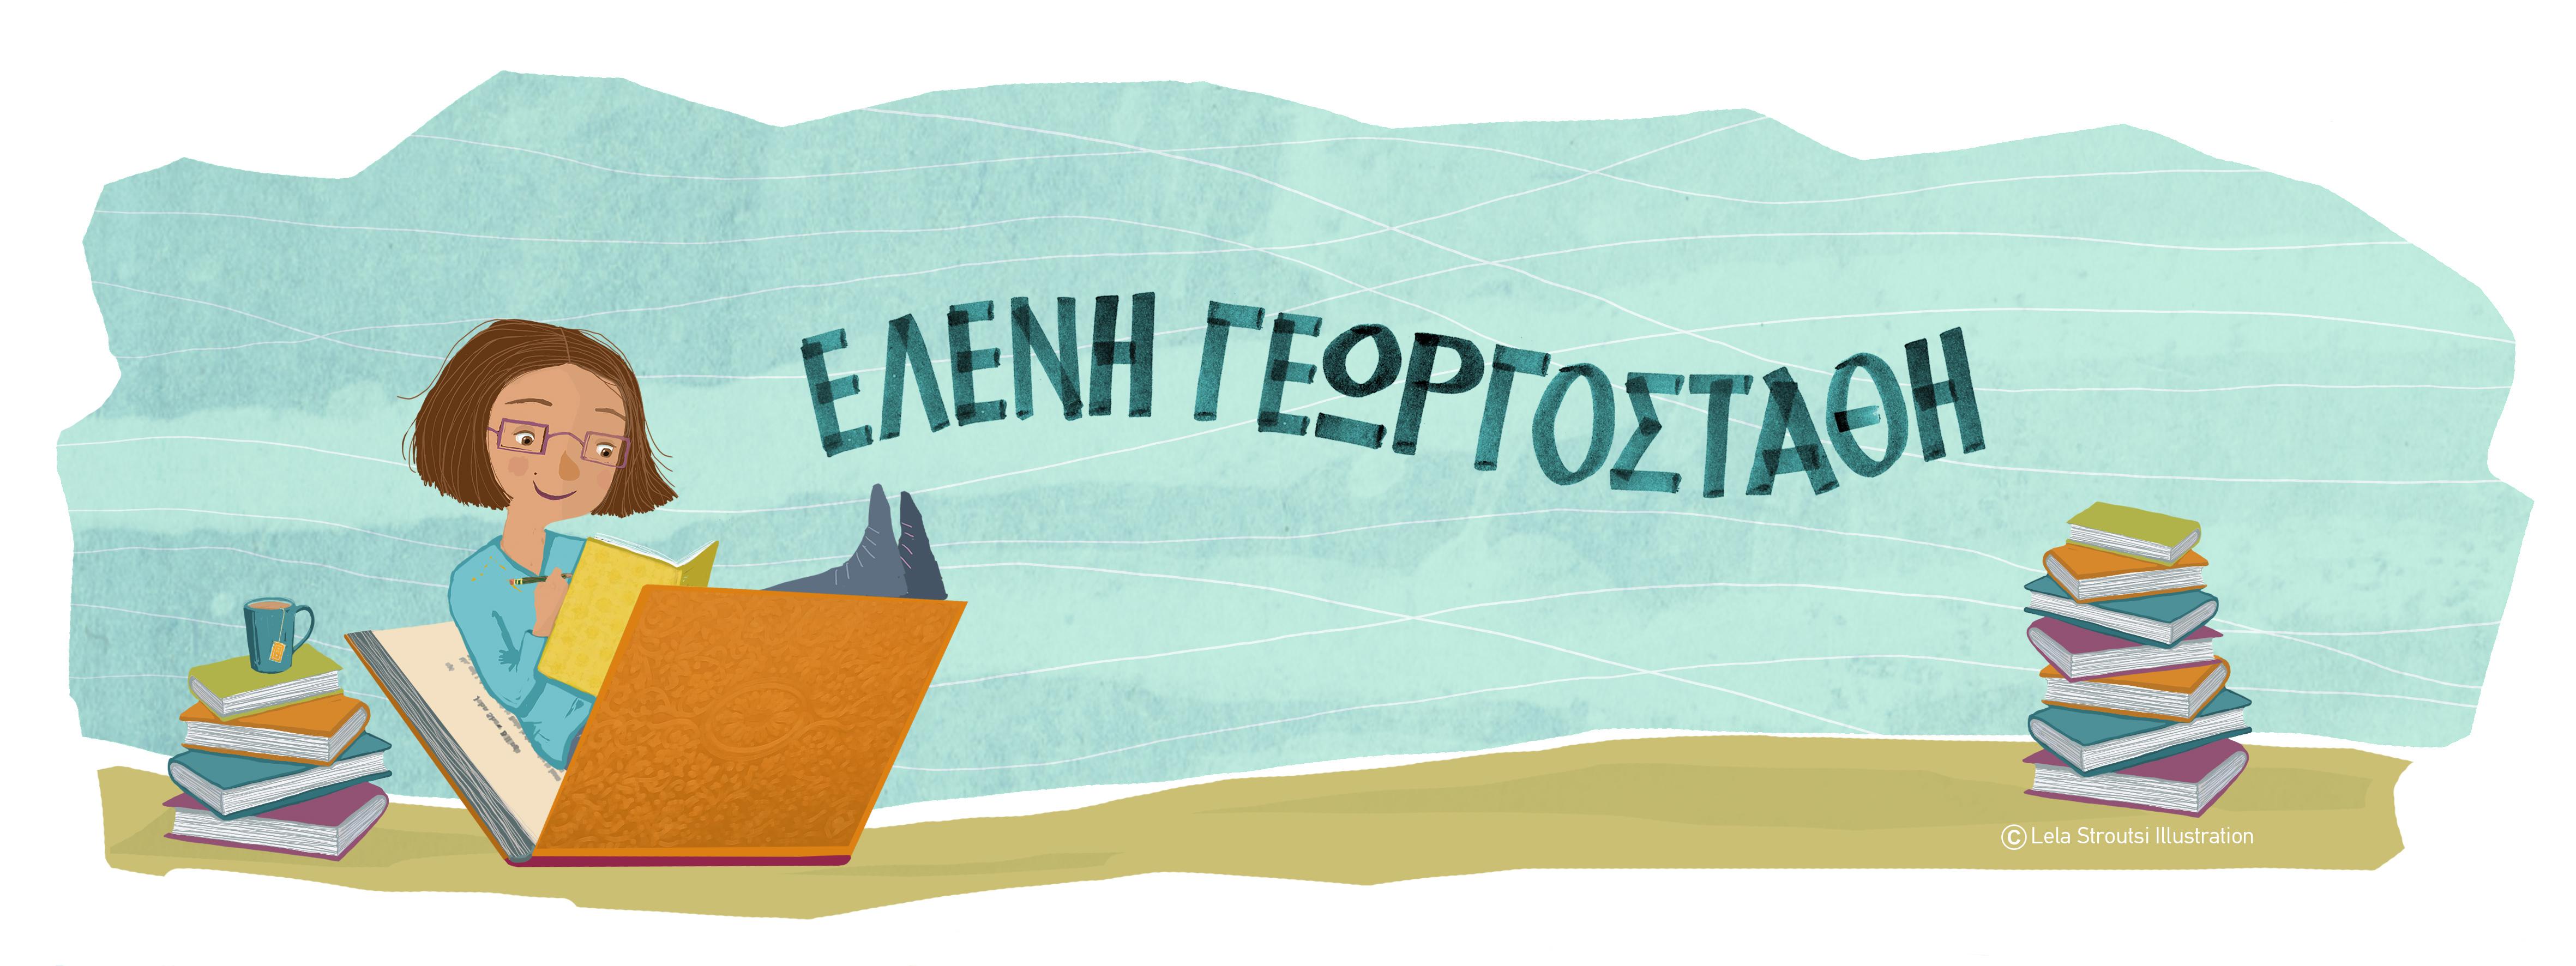 Ελένη Γεωργοστάθη